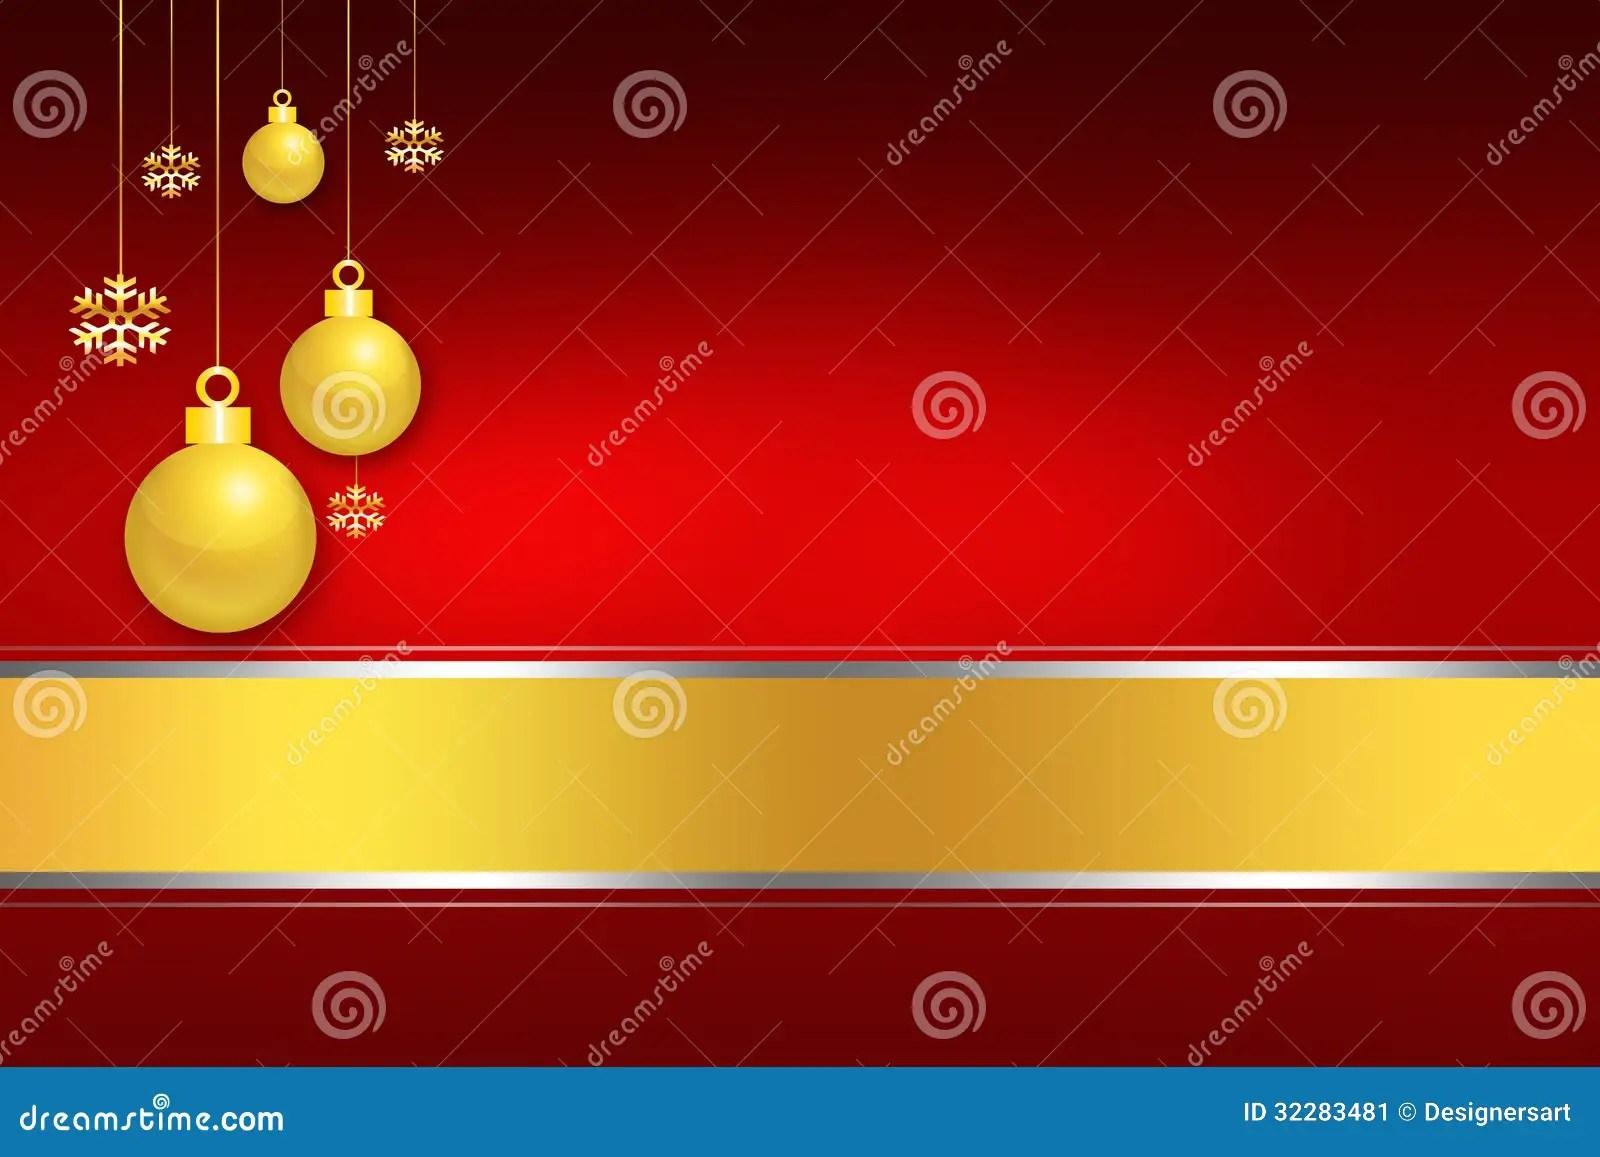 Natal Wallpaper 3d Fondo Elegante Y Ligero De La Feliz Navidad Imagen De